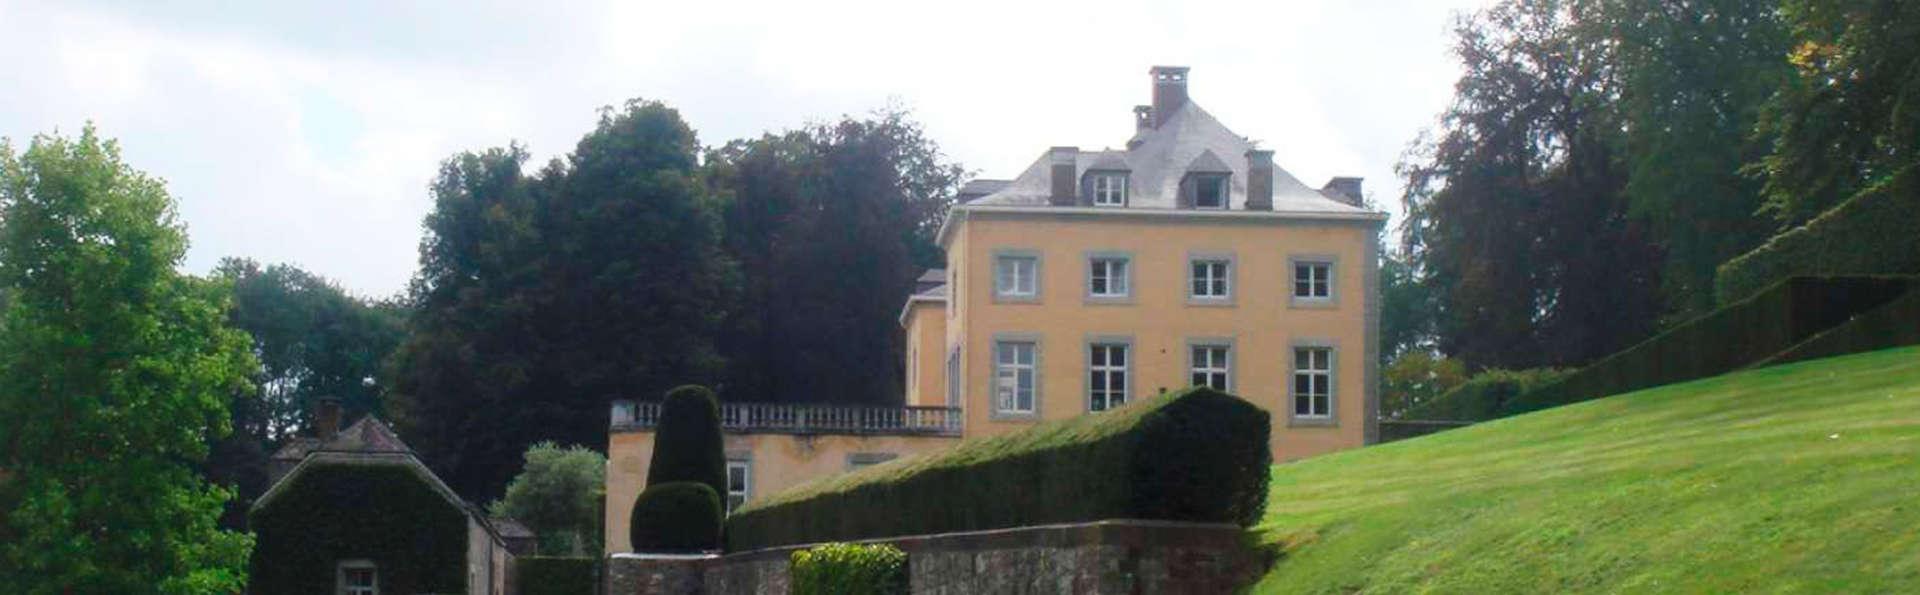 Chateau de Vierset - EDIT_chateau1.jpg